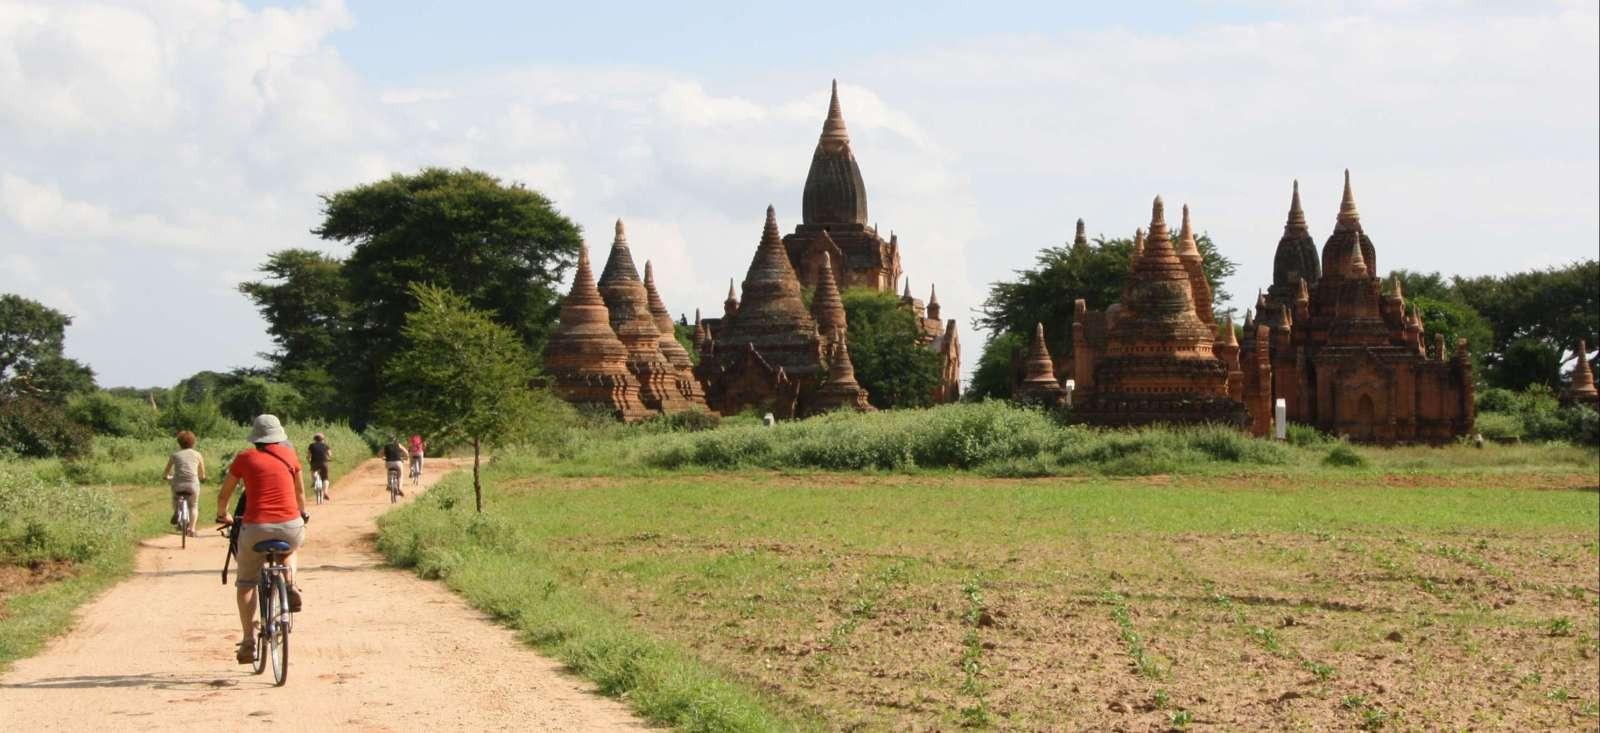 Voyage en véhicule Birmanie : Des sourires et des hommes